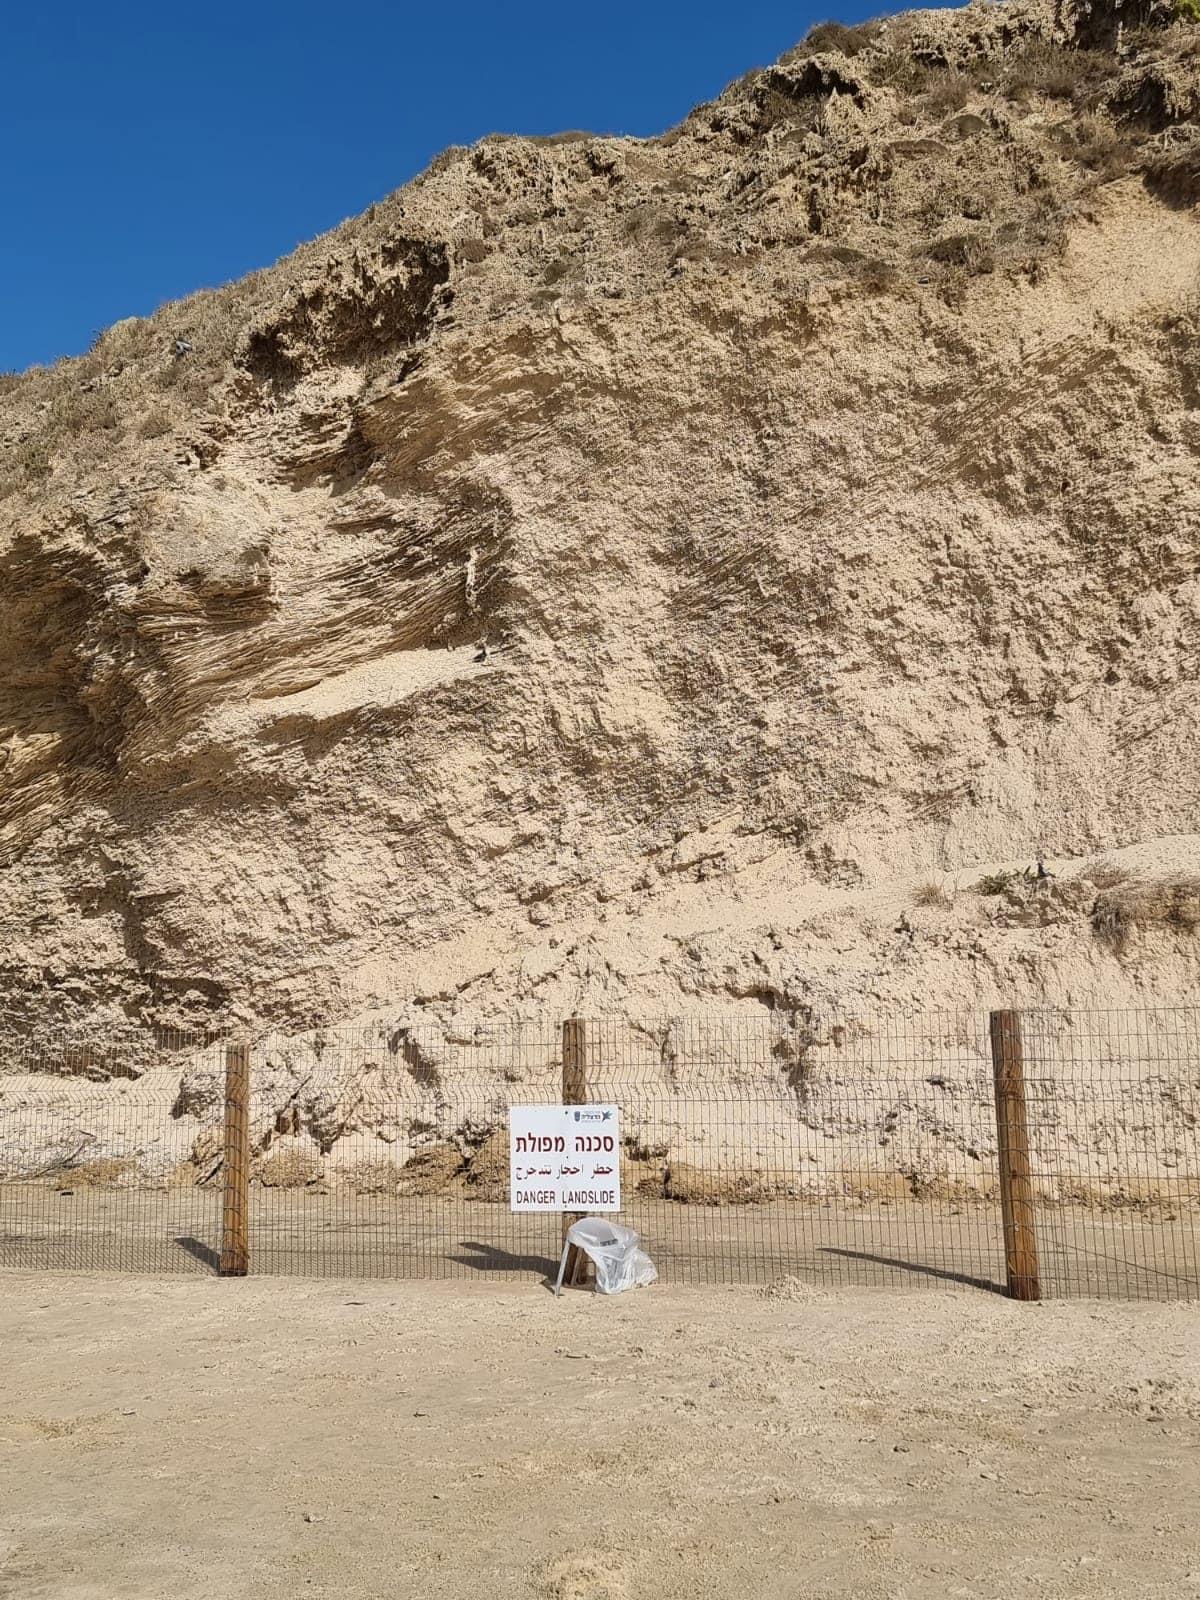 חוף הרצליה אחרי נפילת המצוק, ספטמבר 2021 (צילום: אביב לביא)